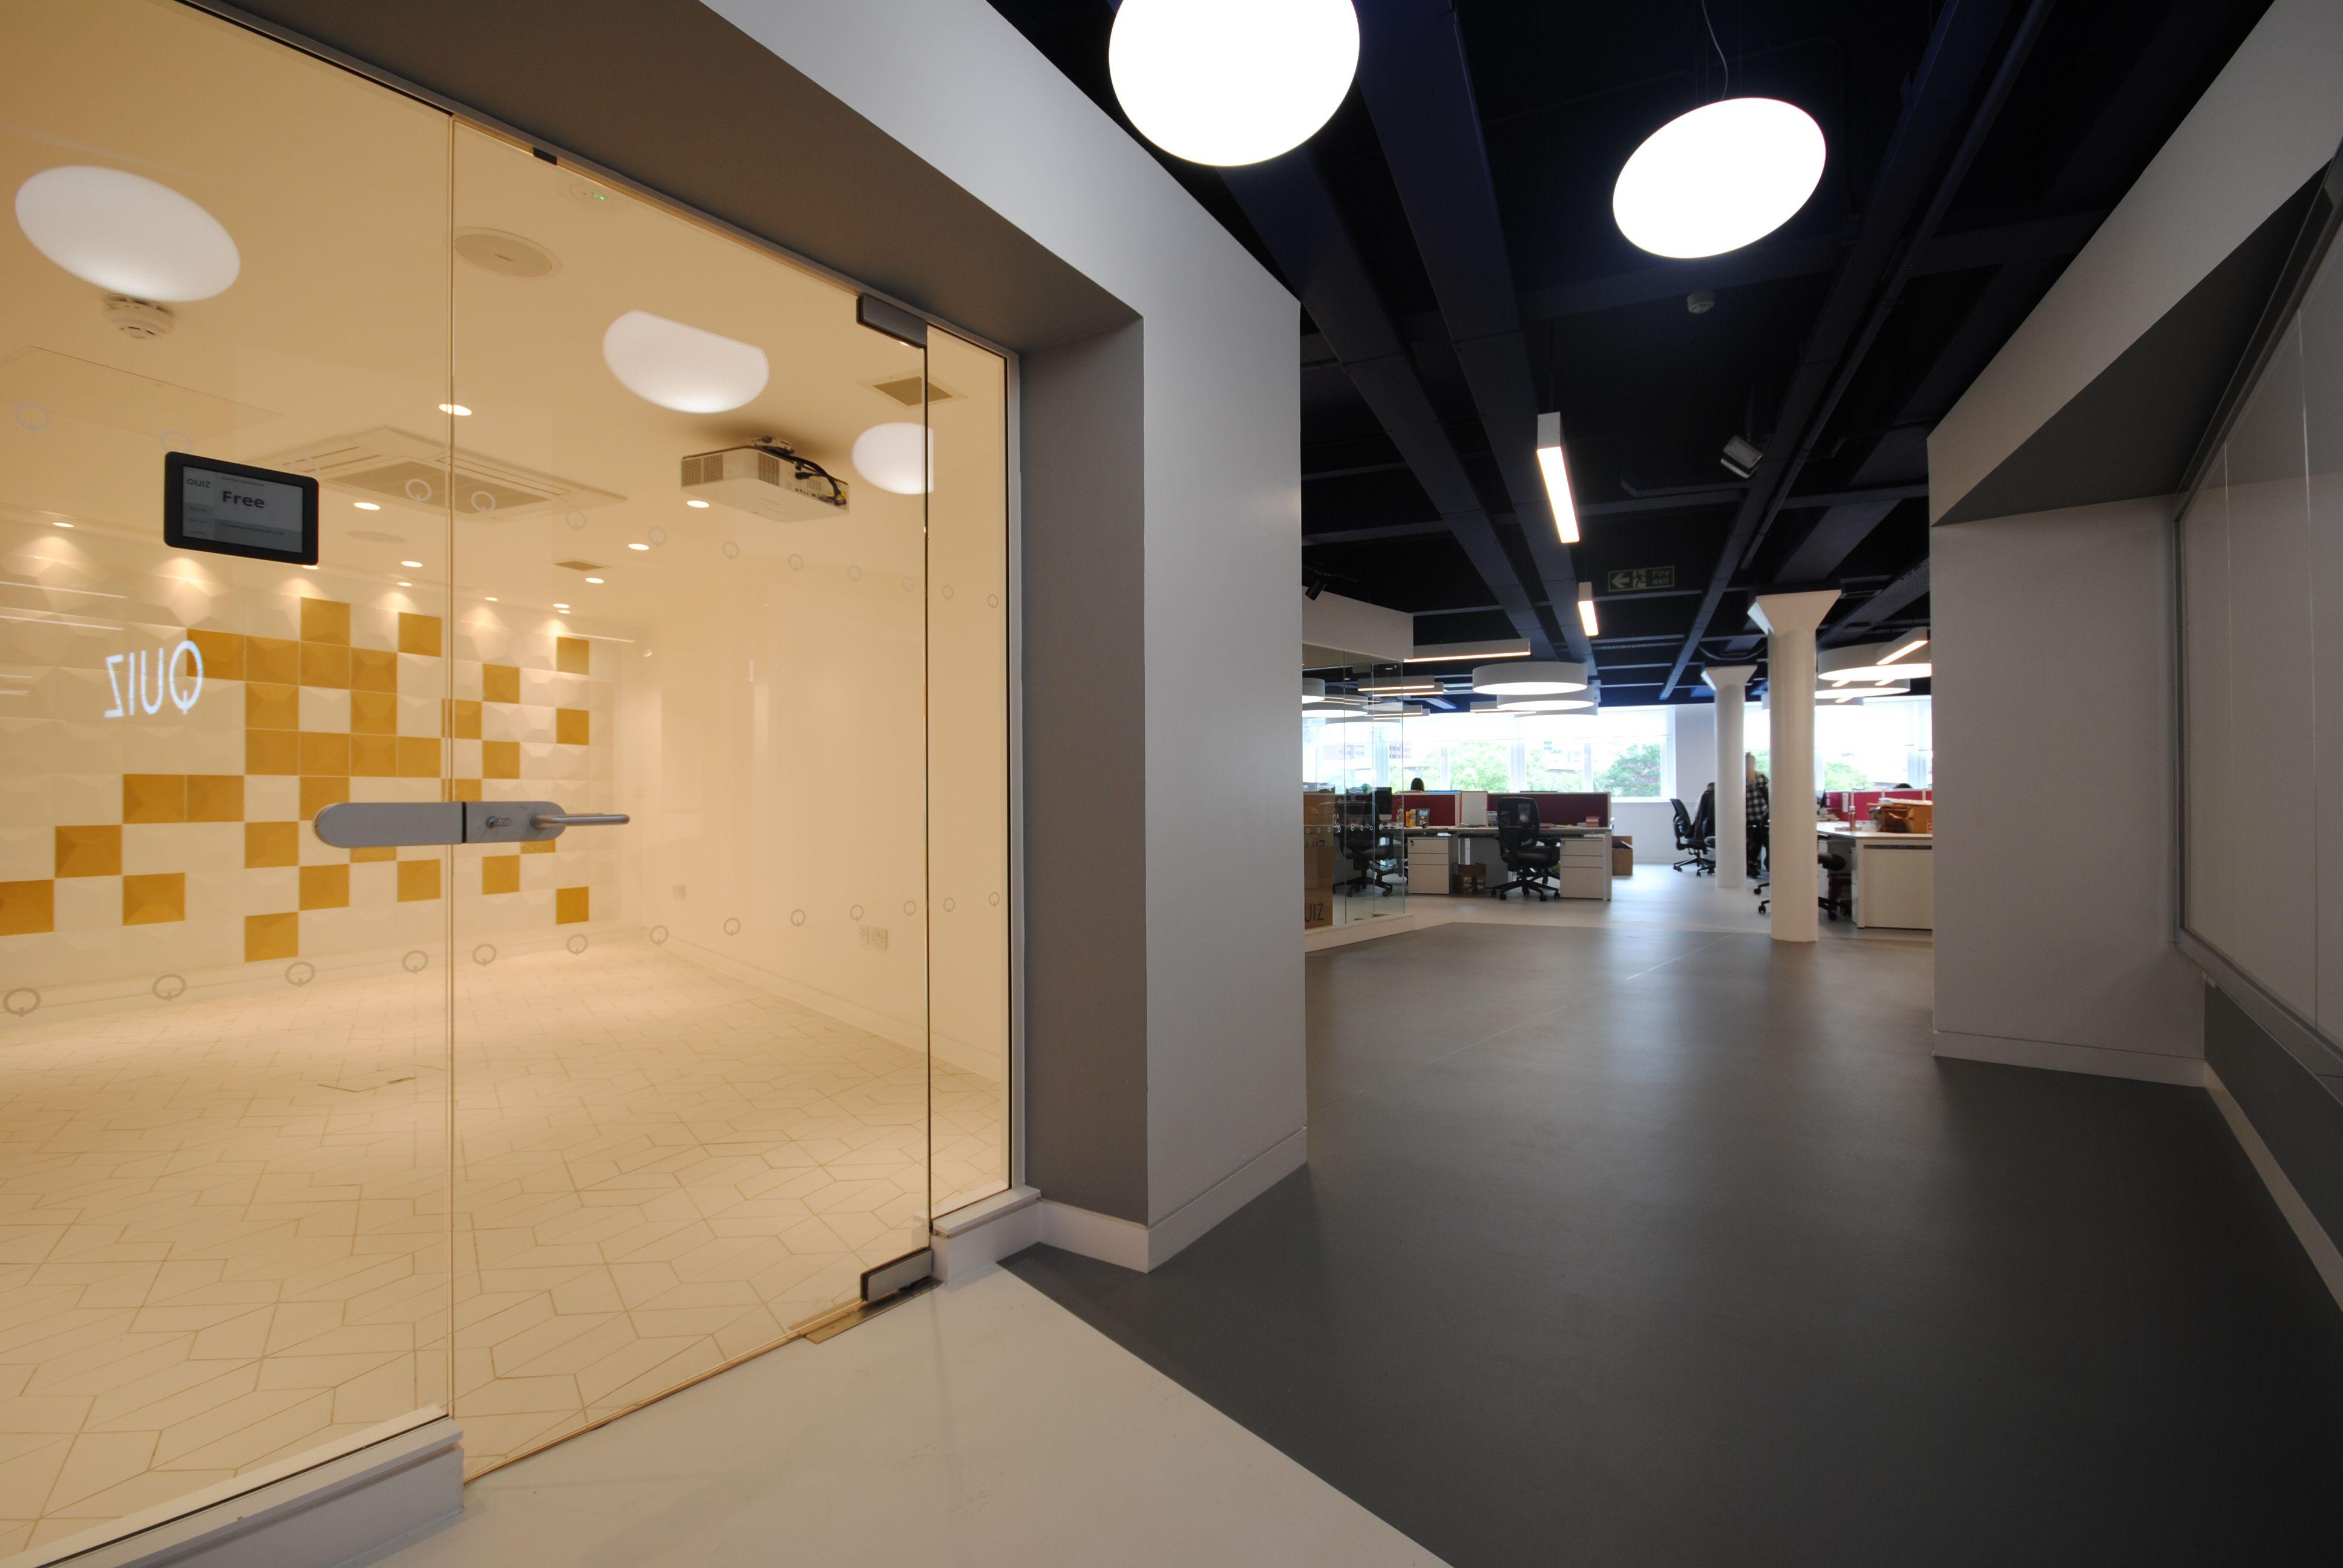 Quiz head office inrterior design glasgow architecture our work